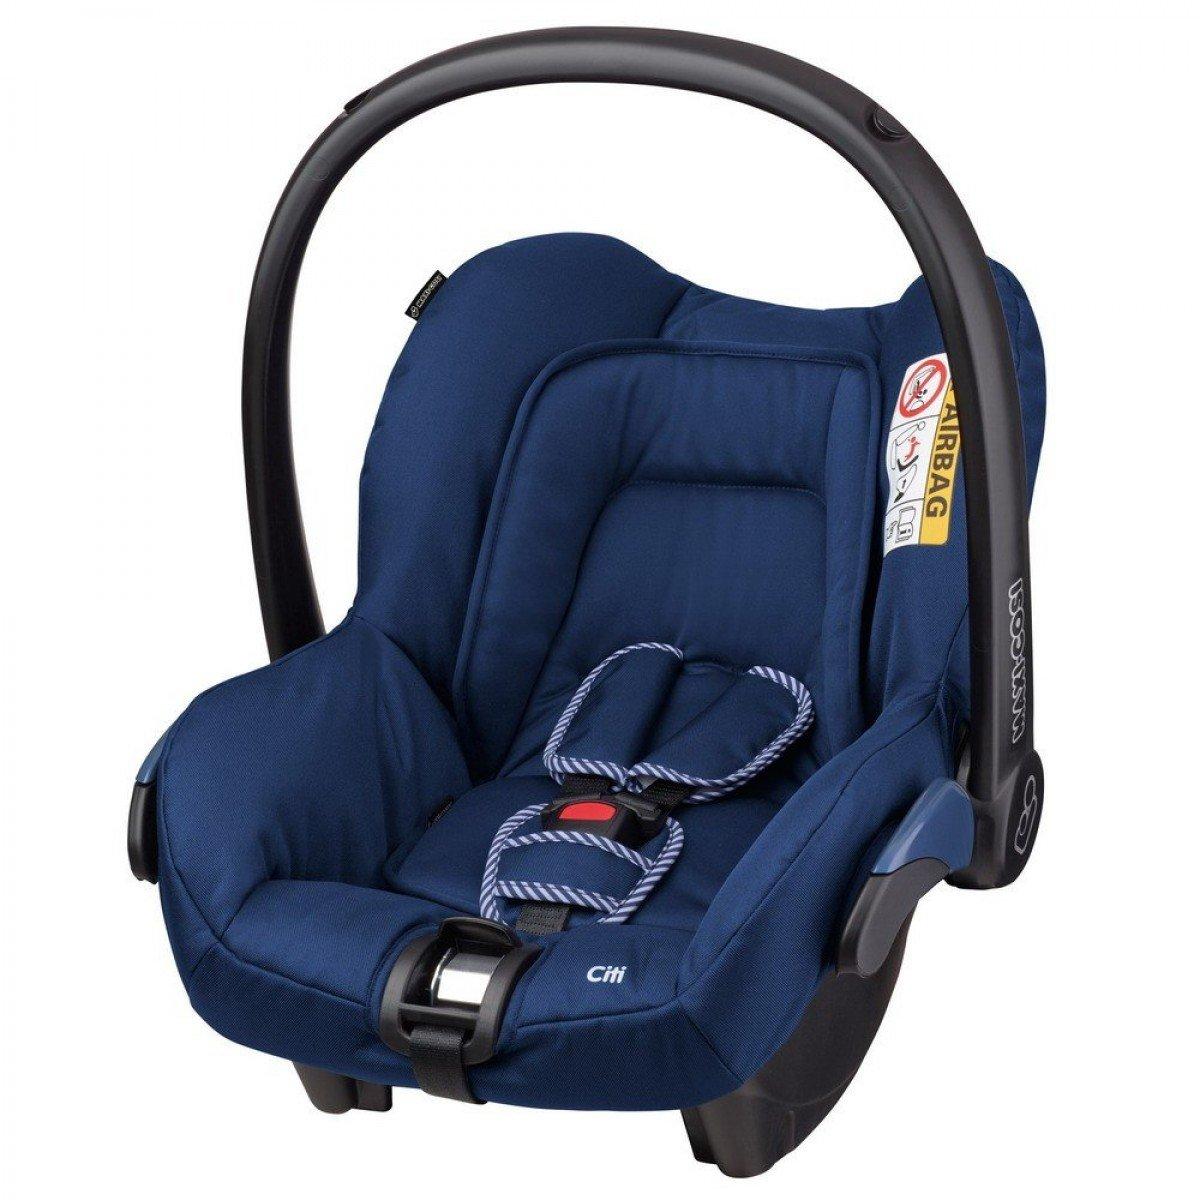 MAXI-COSI Citi River Blue Bērnu autosēdeklis 0-13 kg